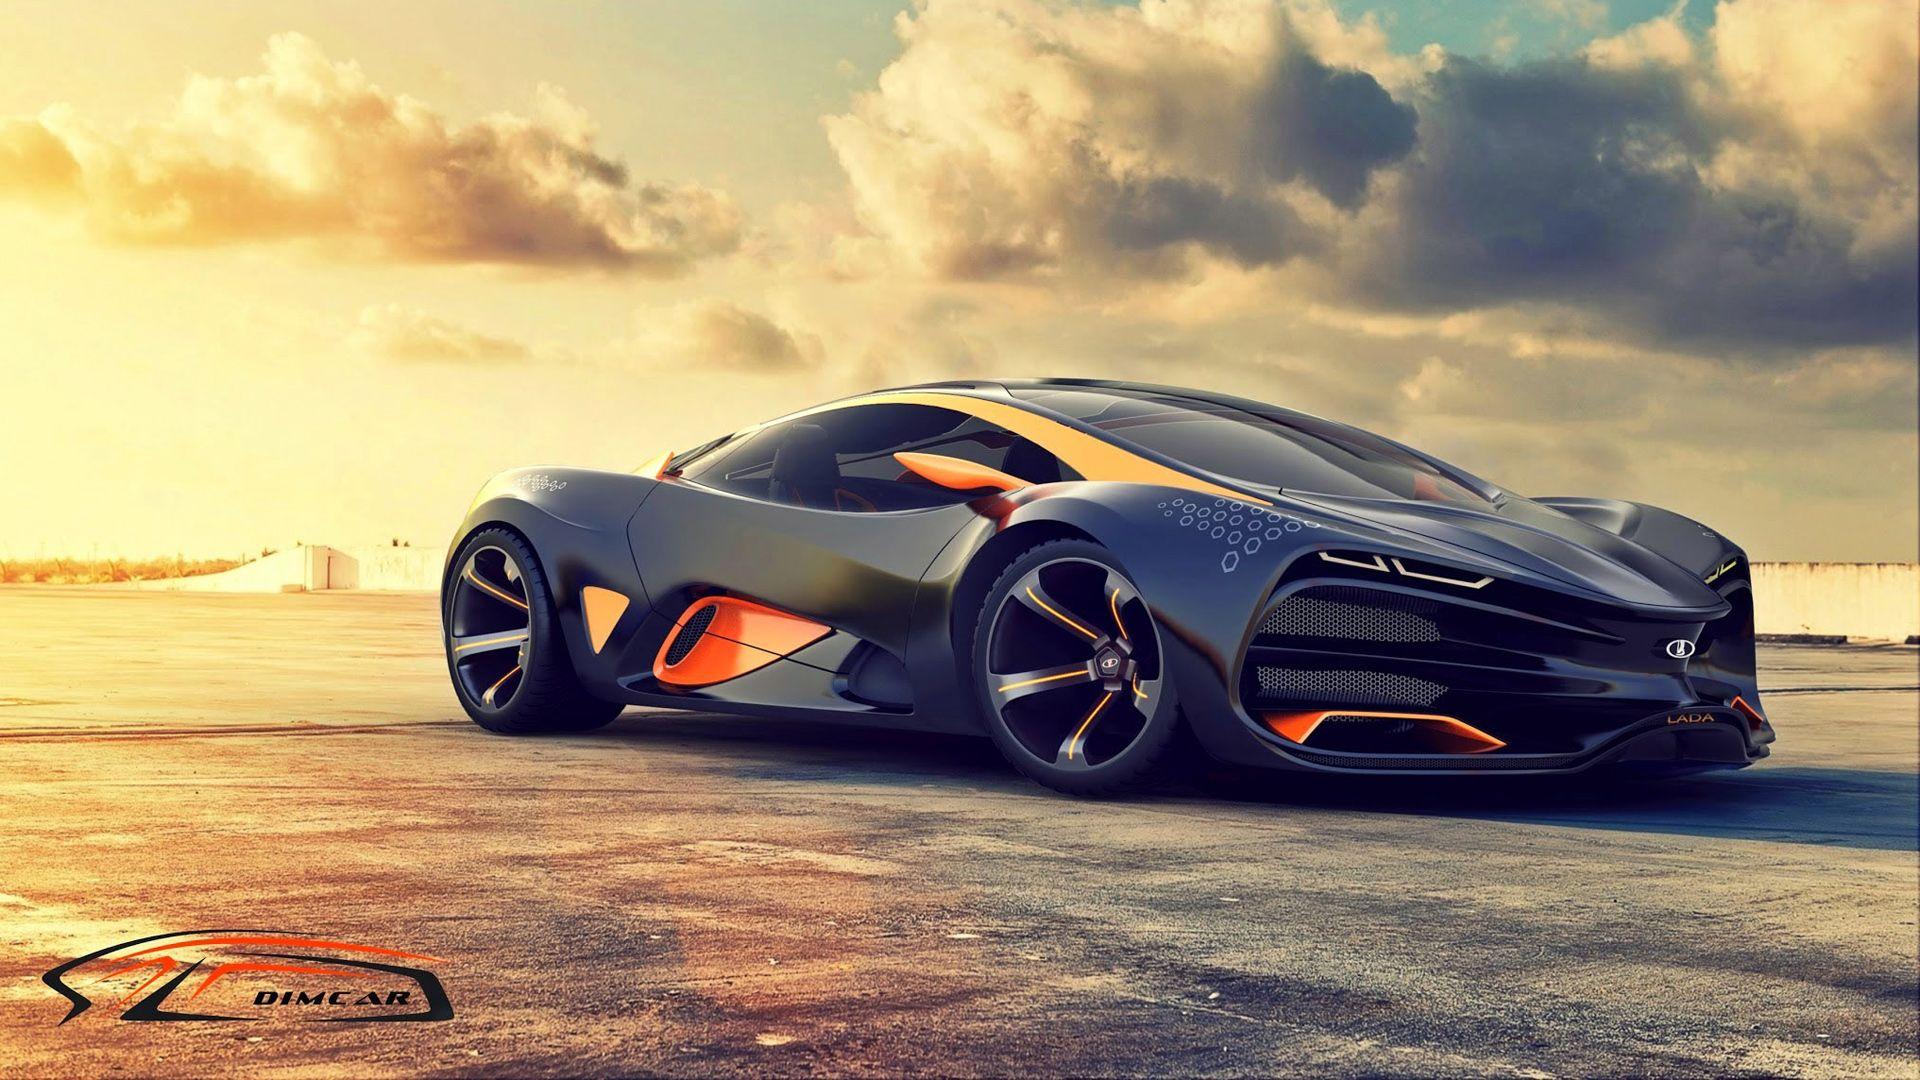 2015 lada raven supercar concept 2 wallpaper hd car wallpapers